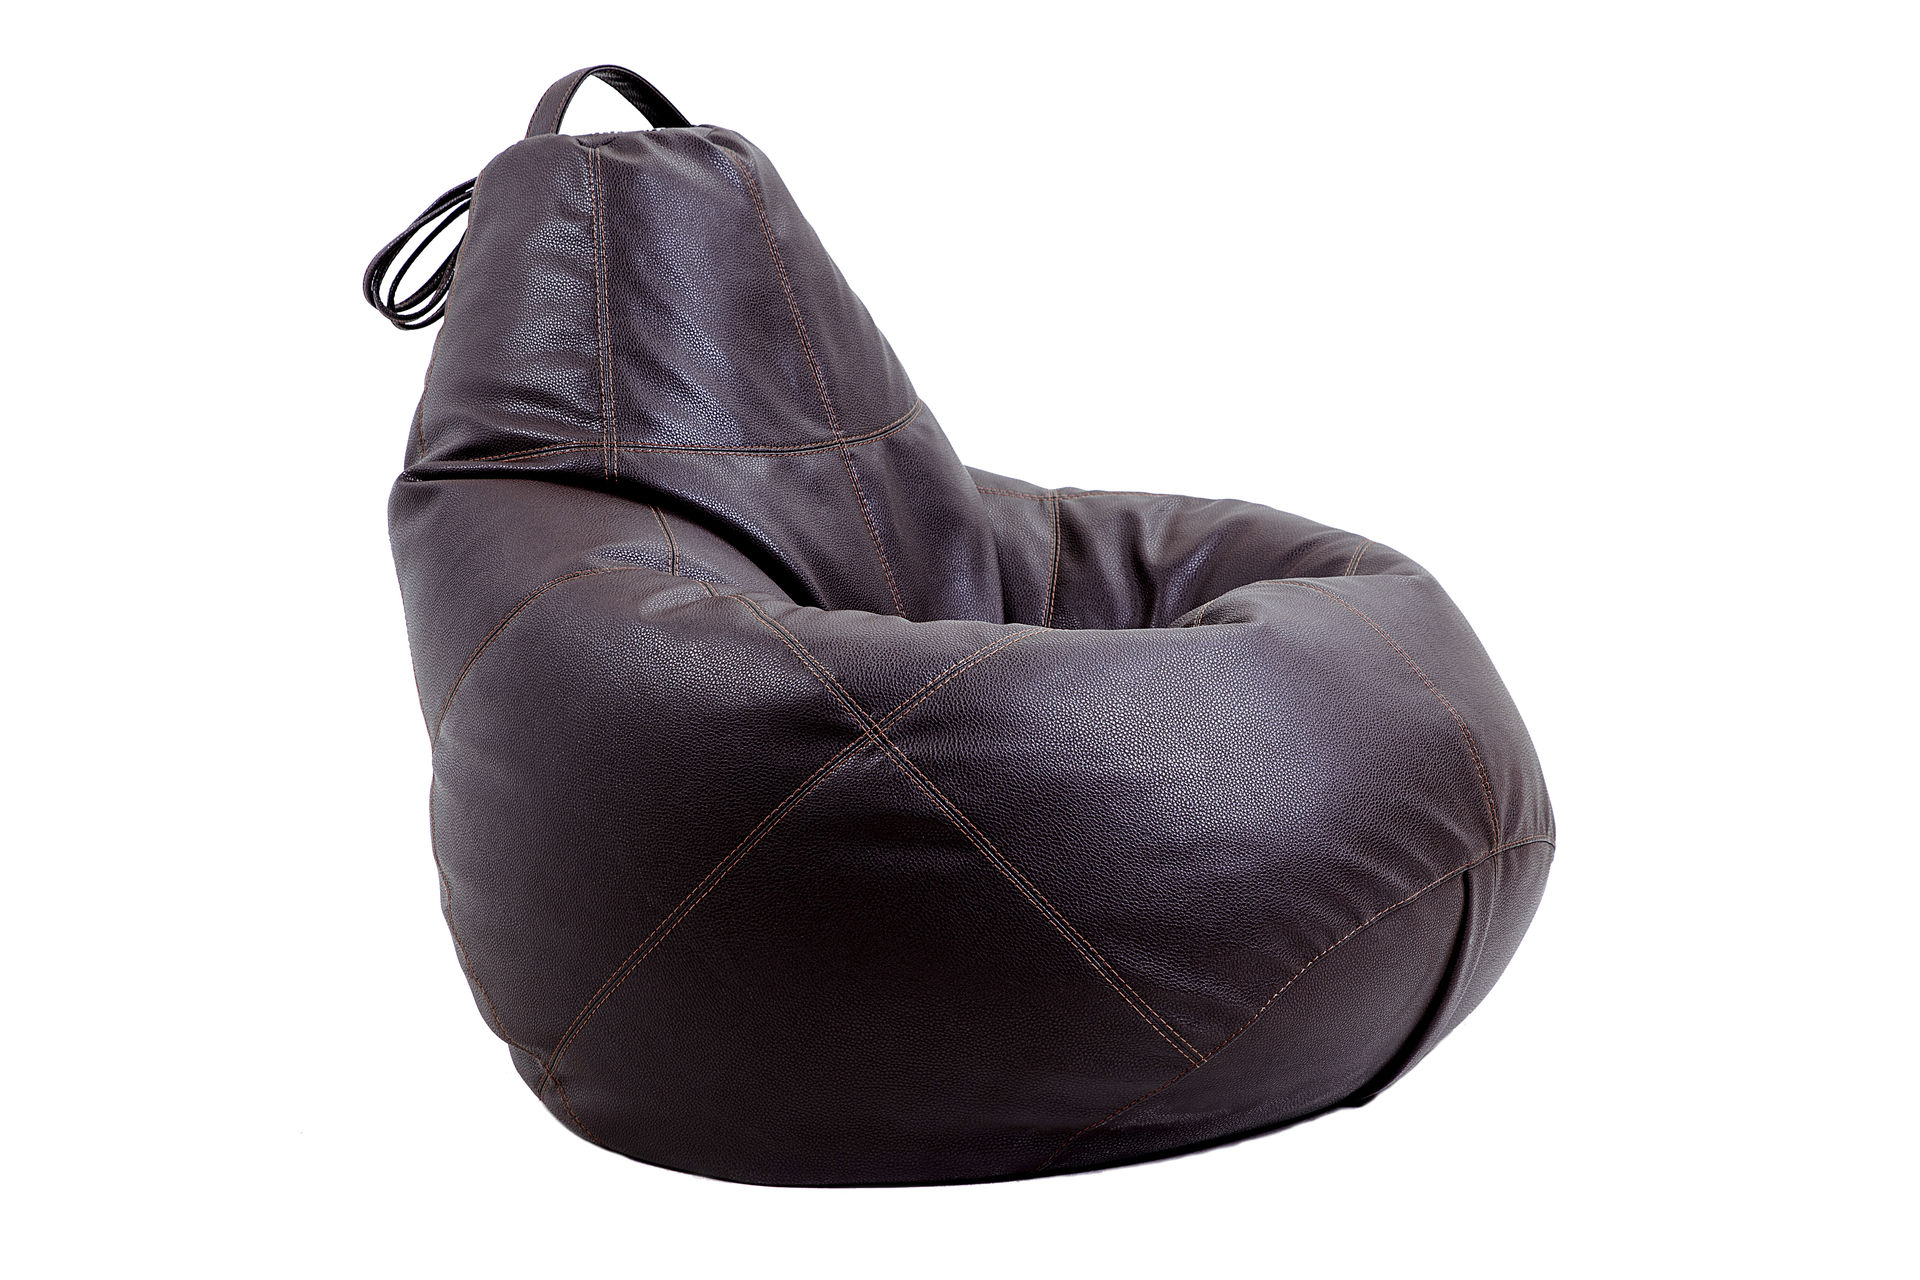 Бескаркасное креслоКресла-мешки<br><br><br>Material: Экокожа<br>Ширина см: 95<br>Высота см: 150<br>Глубина см: 95